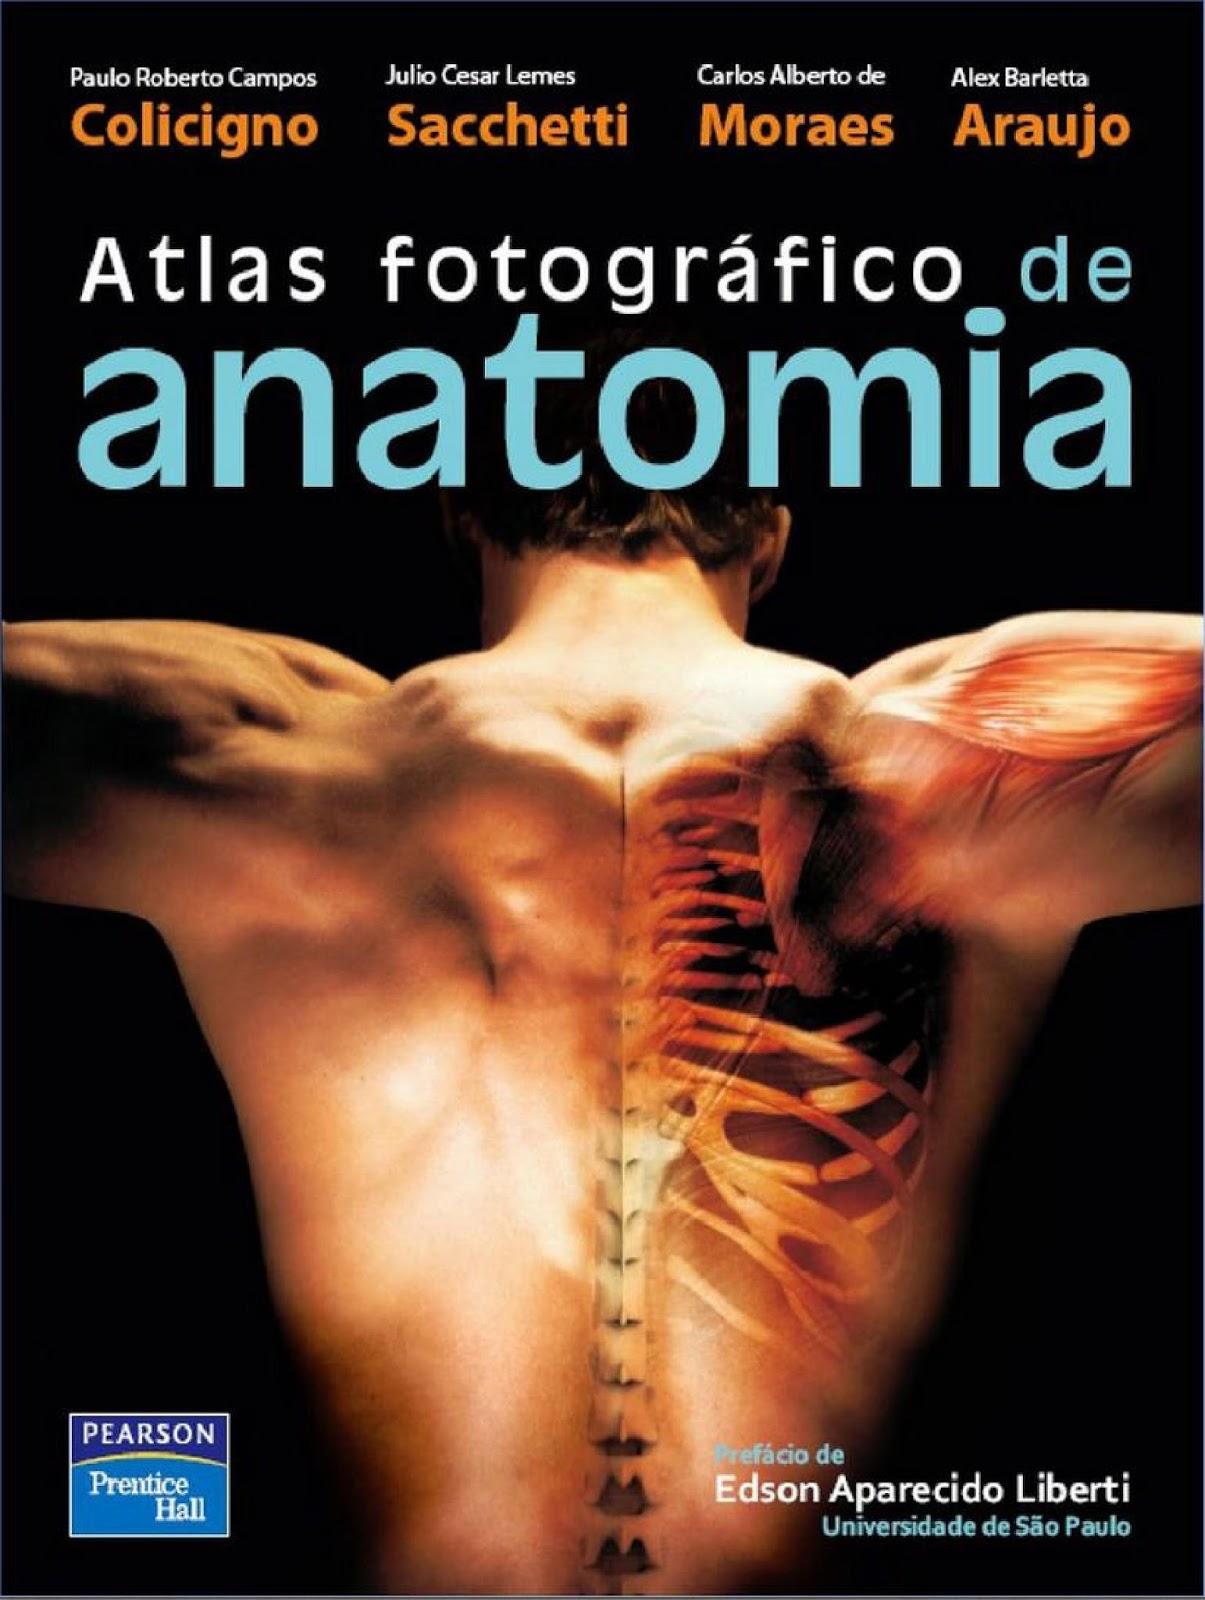 Atlas fotográfico de anatomía – Paulo Roberto Campos Colicigno